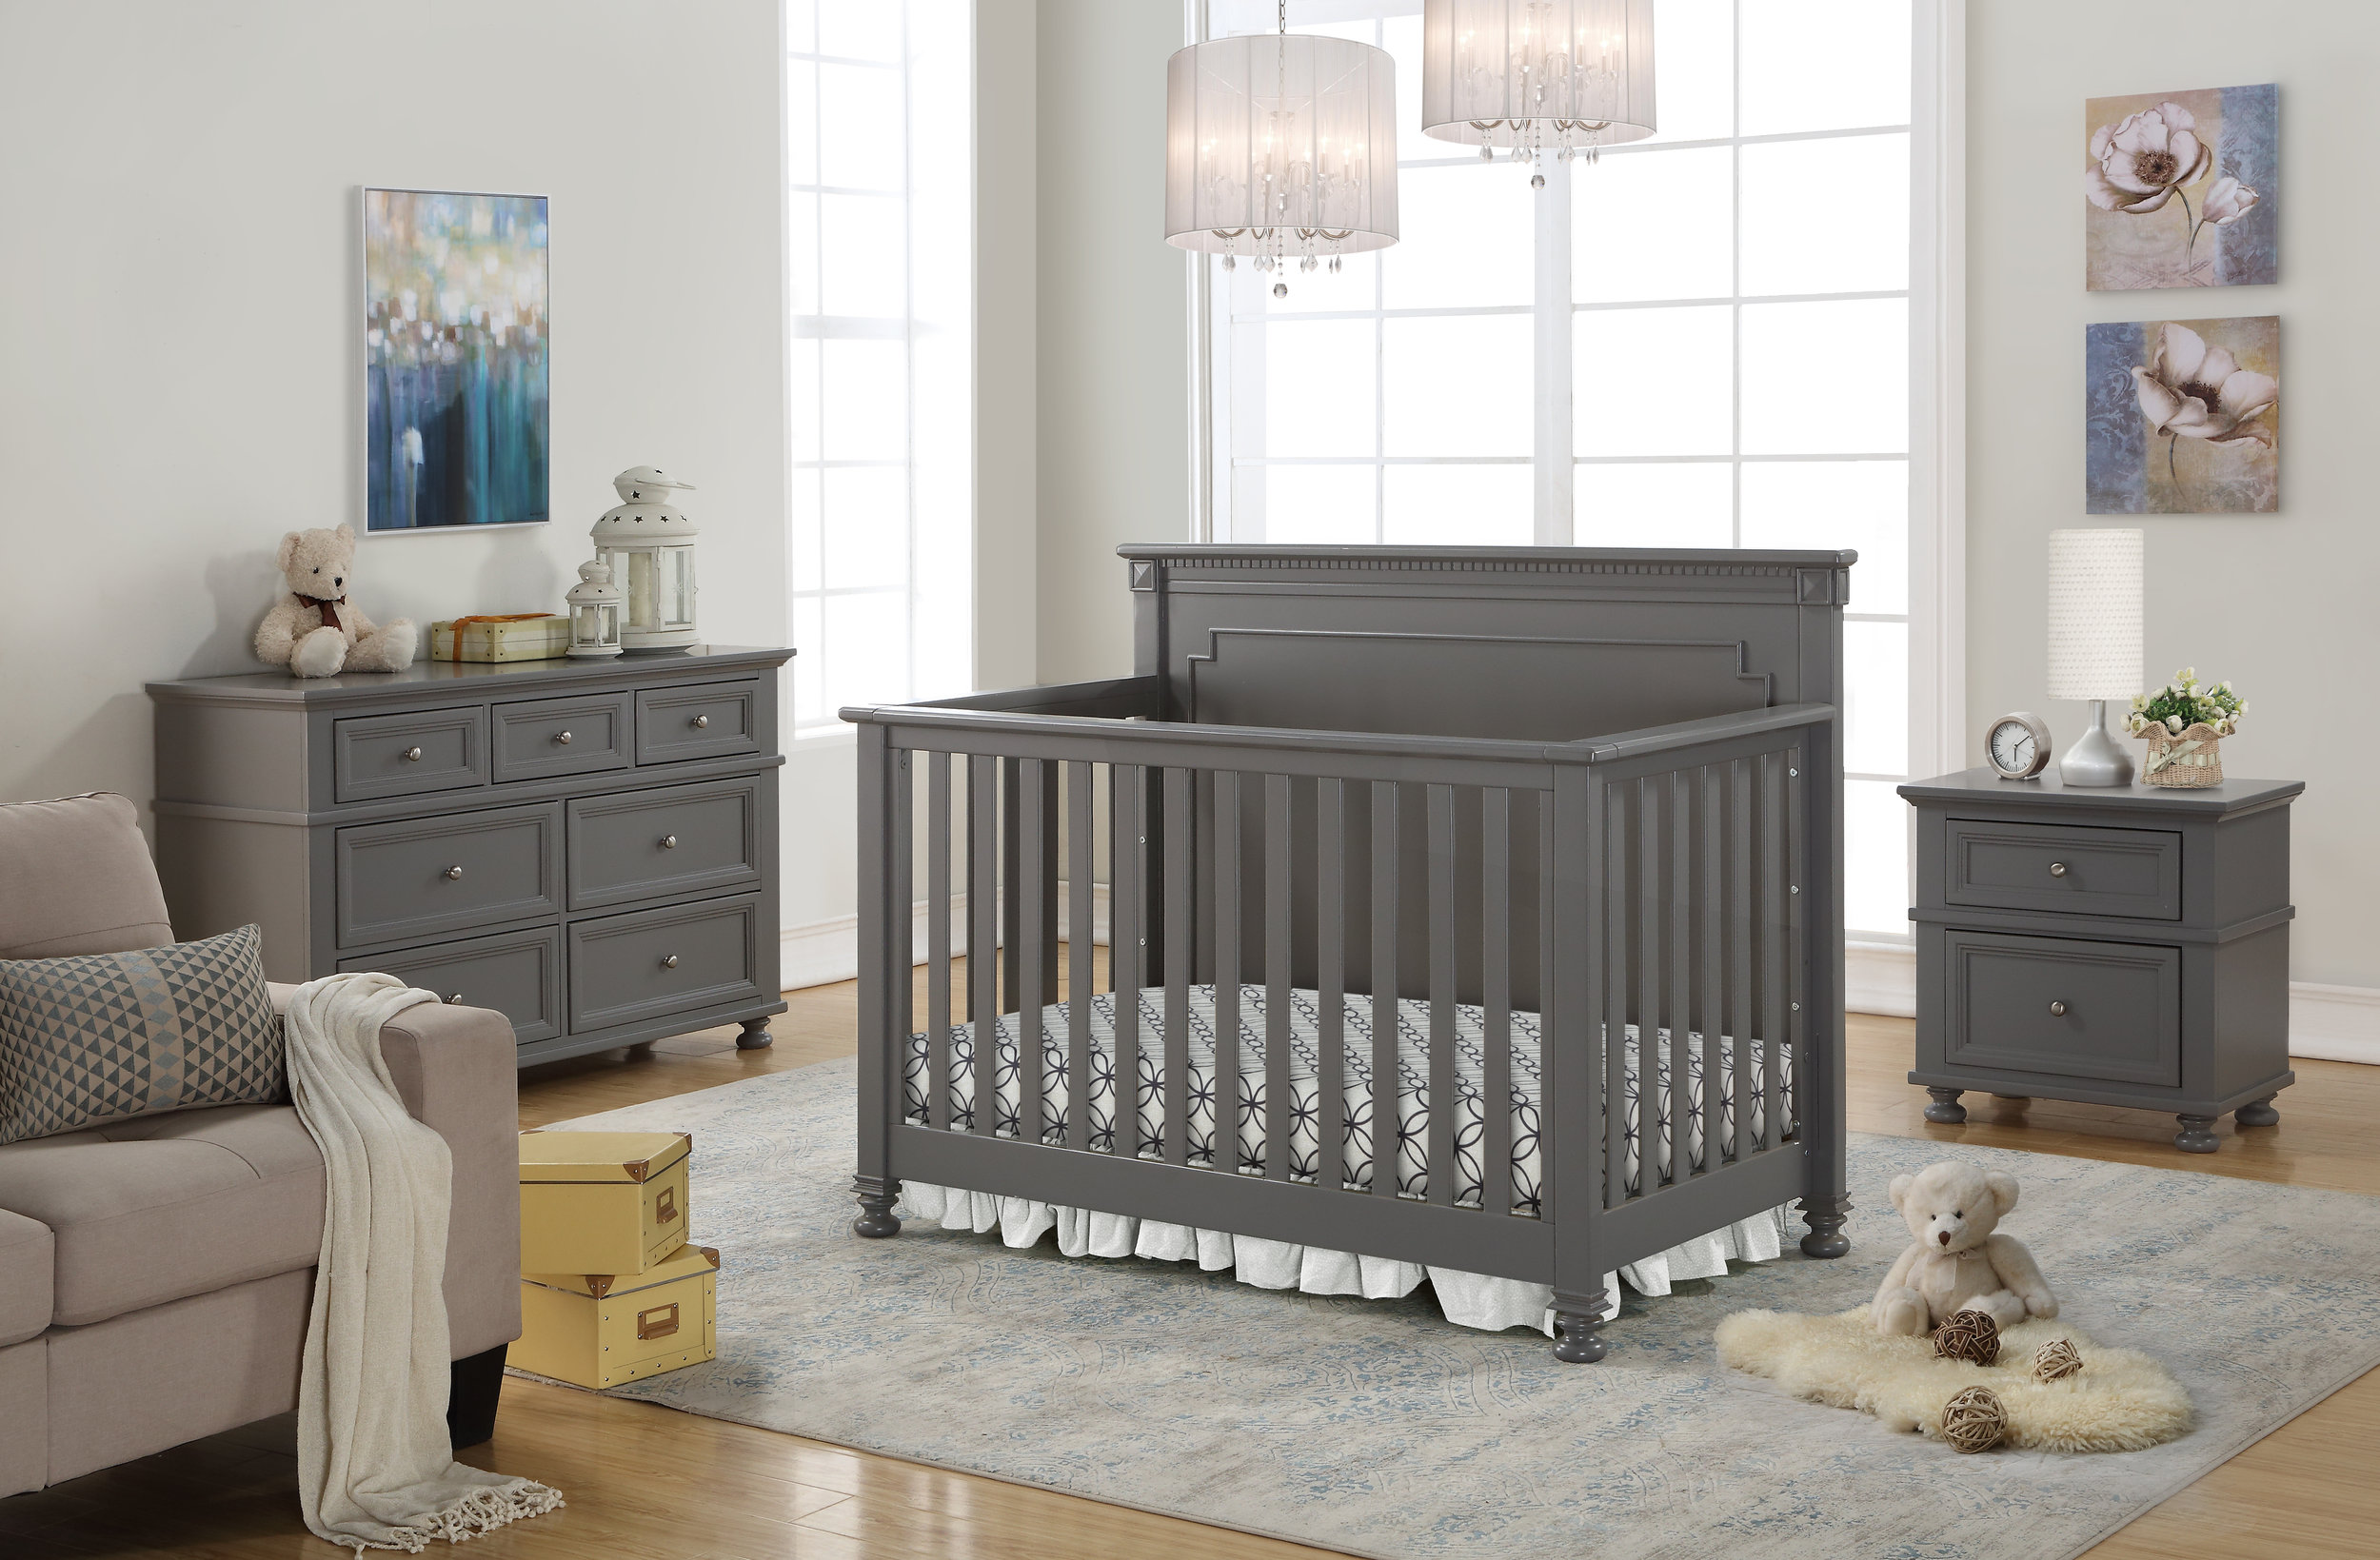 HR Belgian Crib with 7Dr Dresser & NT - Pebble Grey.jpg